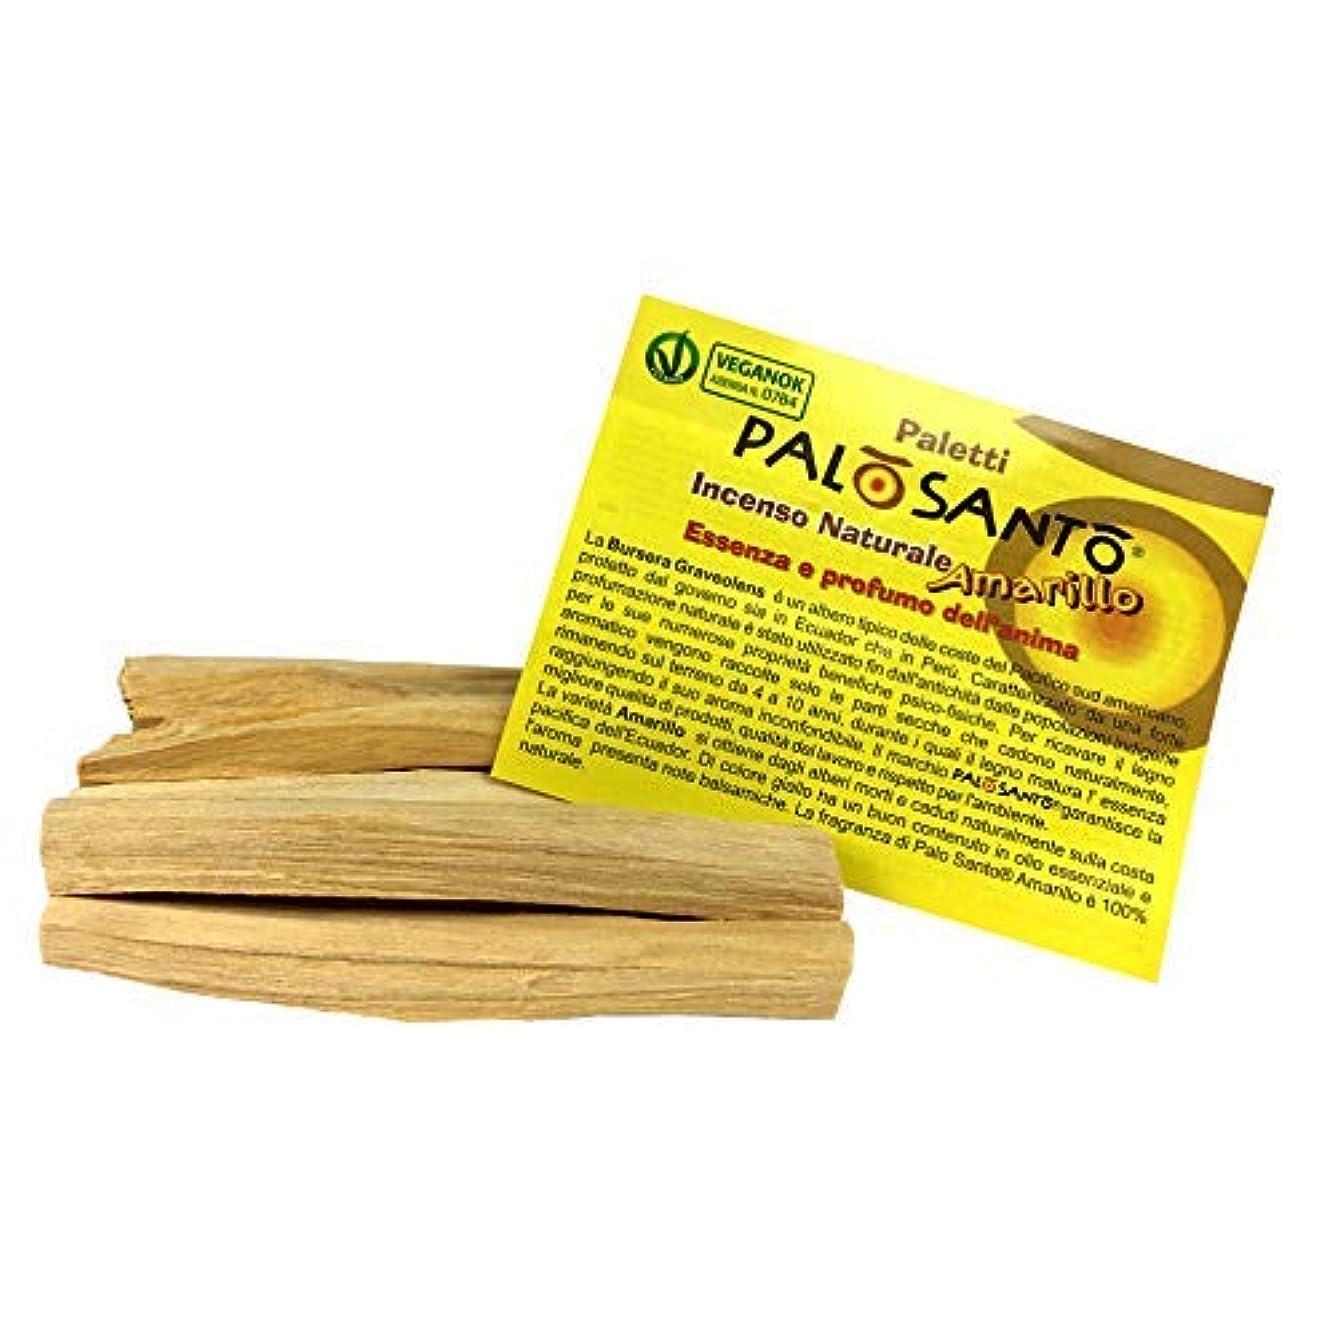 校長姿勢遺棄されたPalo Santo Sticks Amarillo - 天然香スティック - 瞑想、リラックス、不安、ヨガの香 - オリジナルBursera Graveolens聖ポールシャーマニック品質 - 12スティック